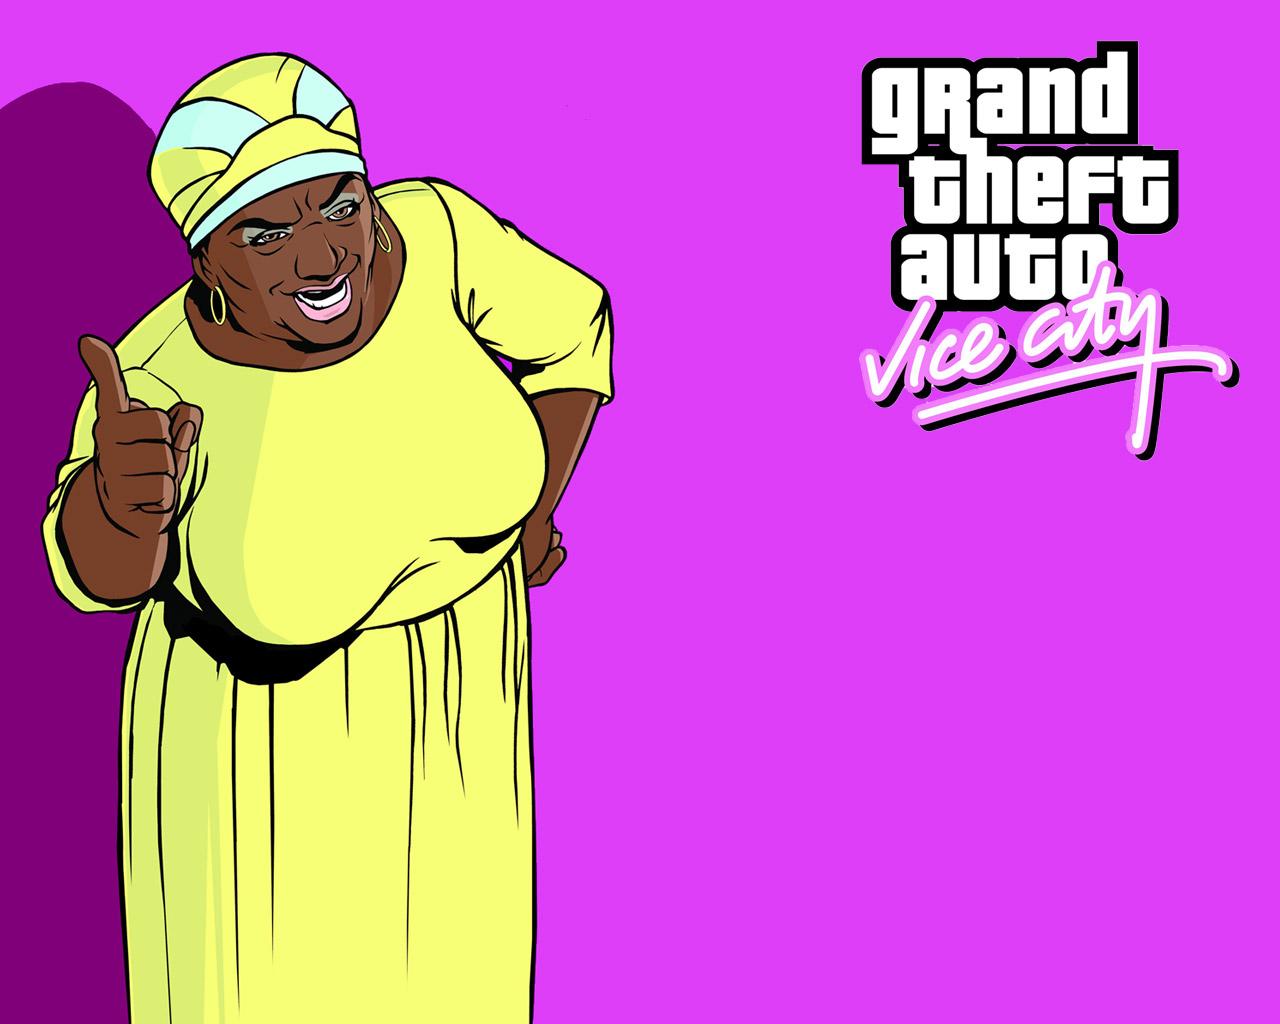 Grand Theft Auto: Vice City Wallpaper in 1280x1024